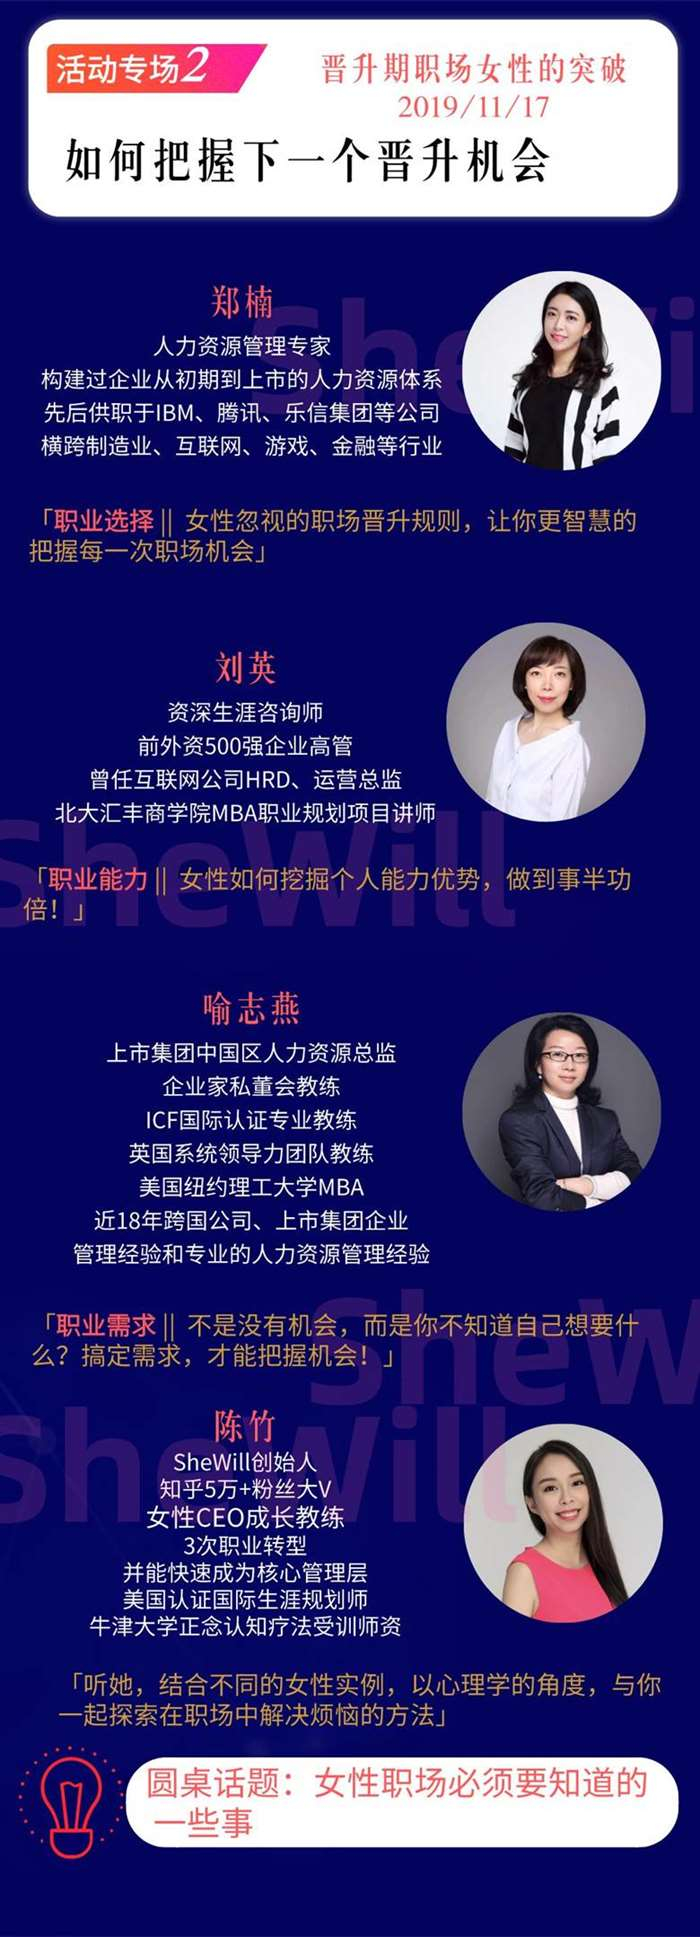 嘉宾详细介绍_自定义px_2019-11-11-0 (1).jpeg